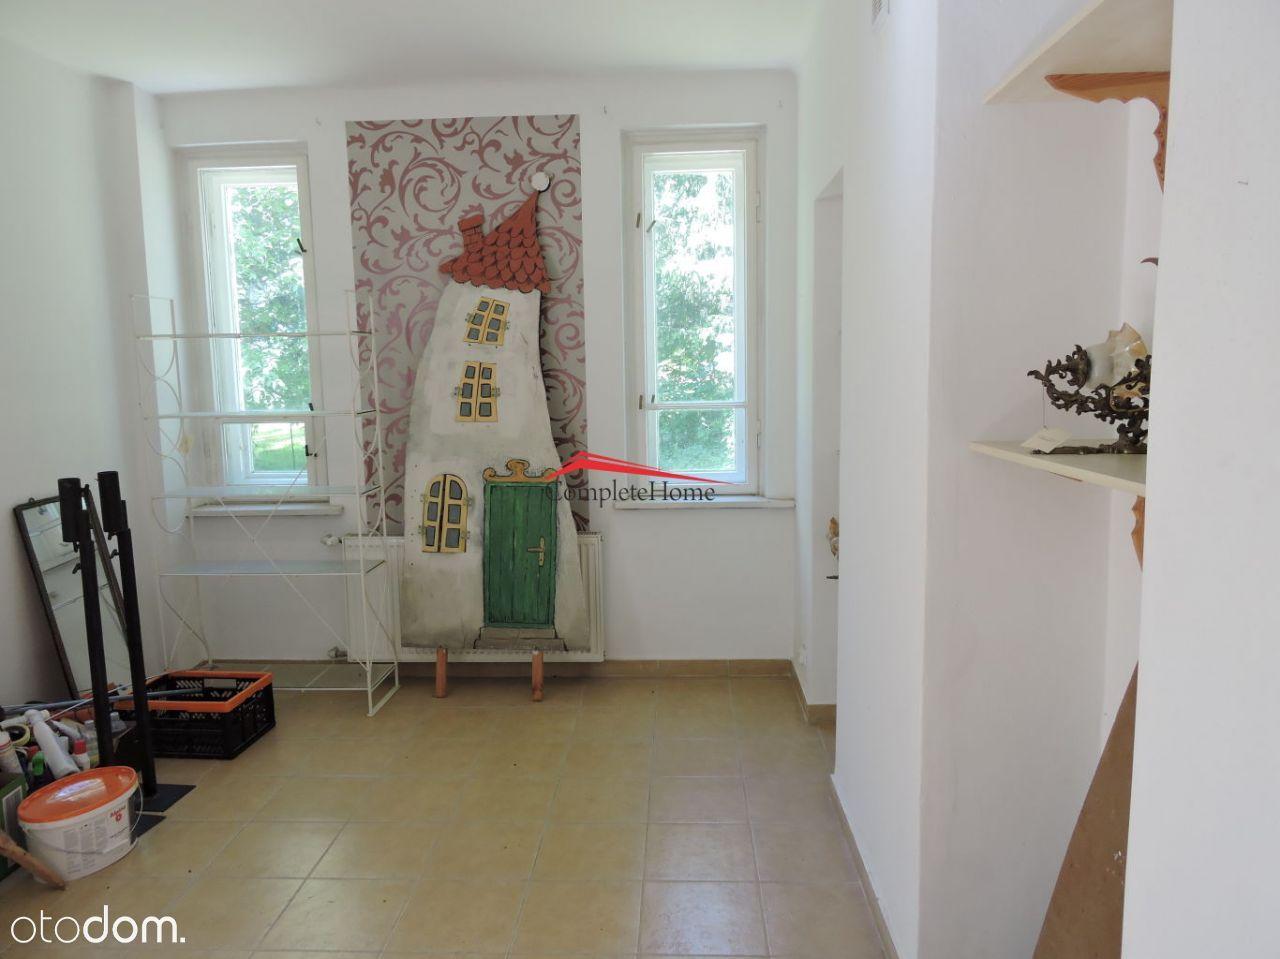 Dom na sprzedaż, Zalesie Górne, piaseczyński, mazowieckie - Foto 12